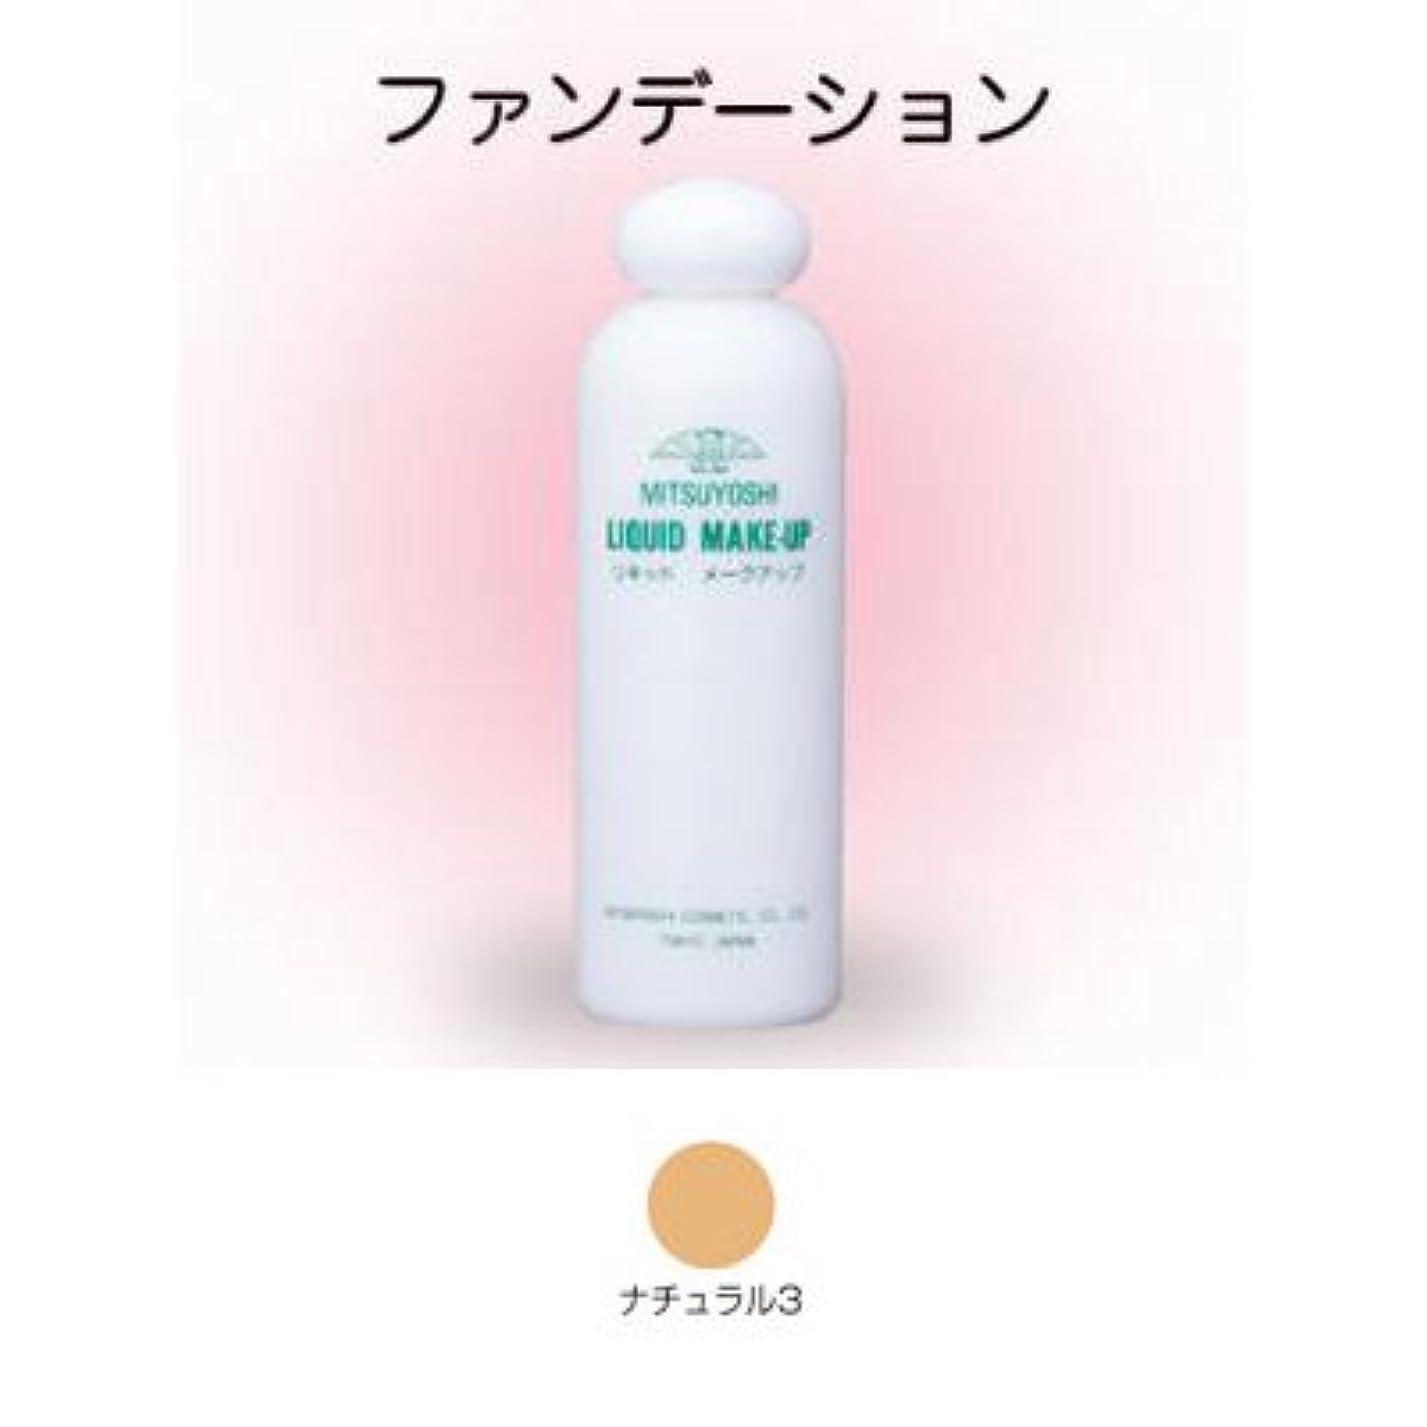 無力ウェイター請負業者リキッドメークアップ 200ml ナチュラル3 【三善】